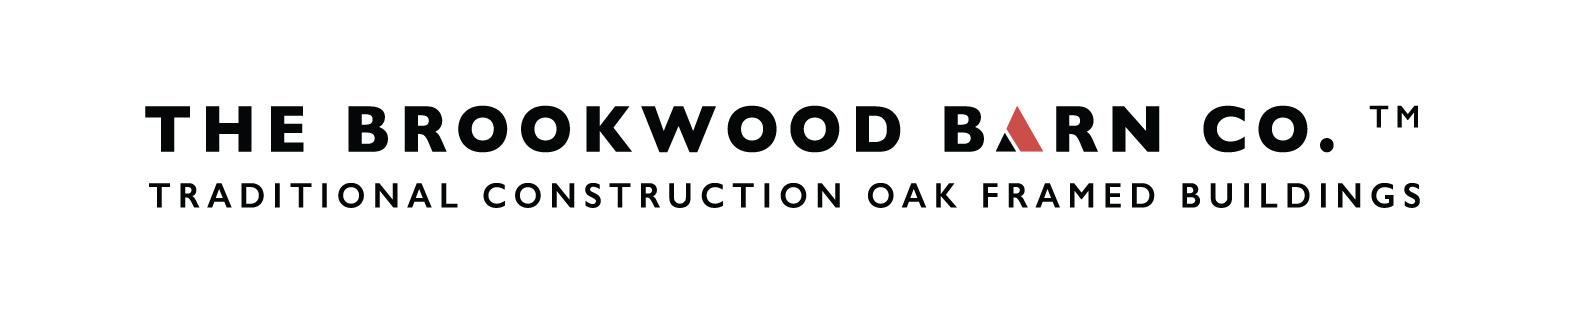 The Brookwood Barn Co.